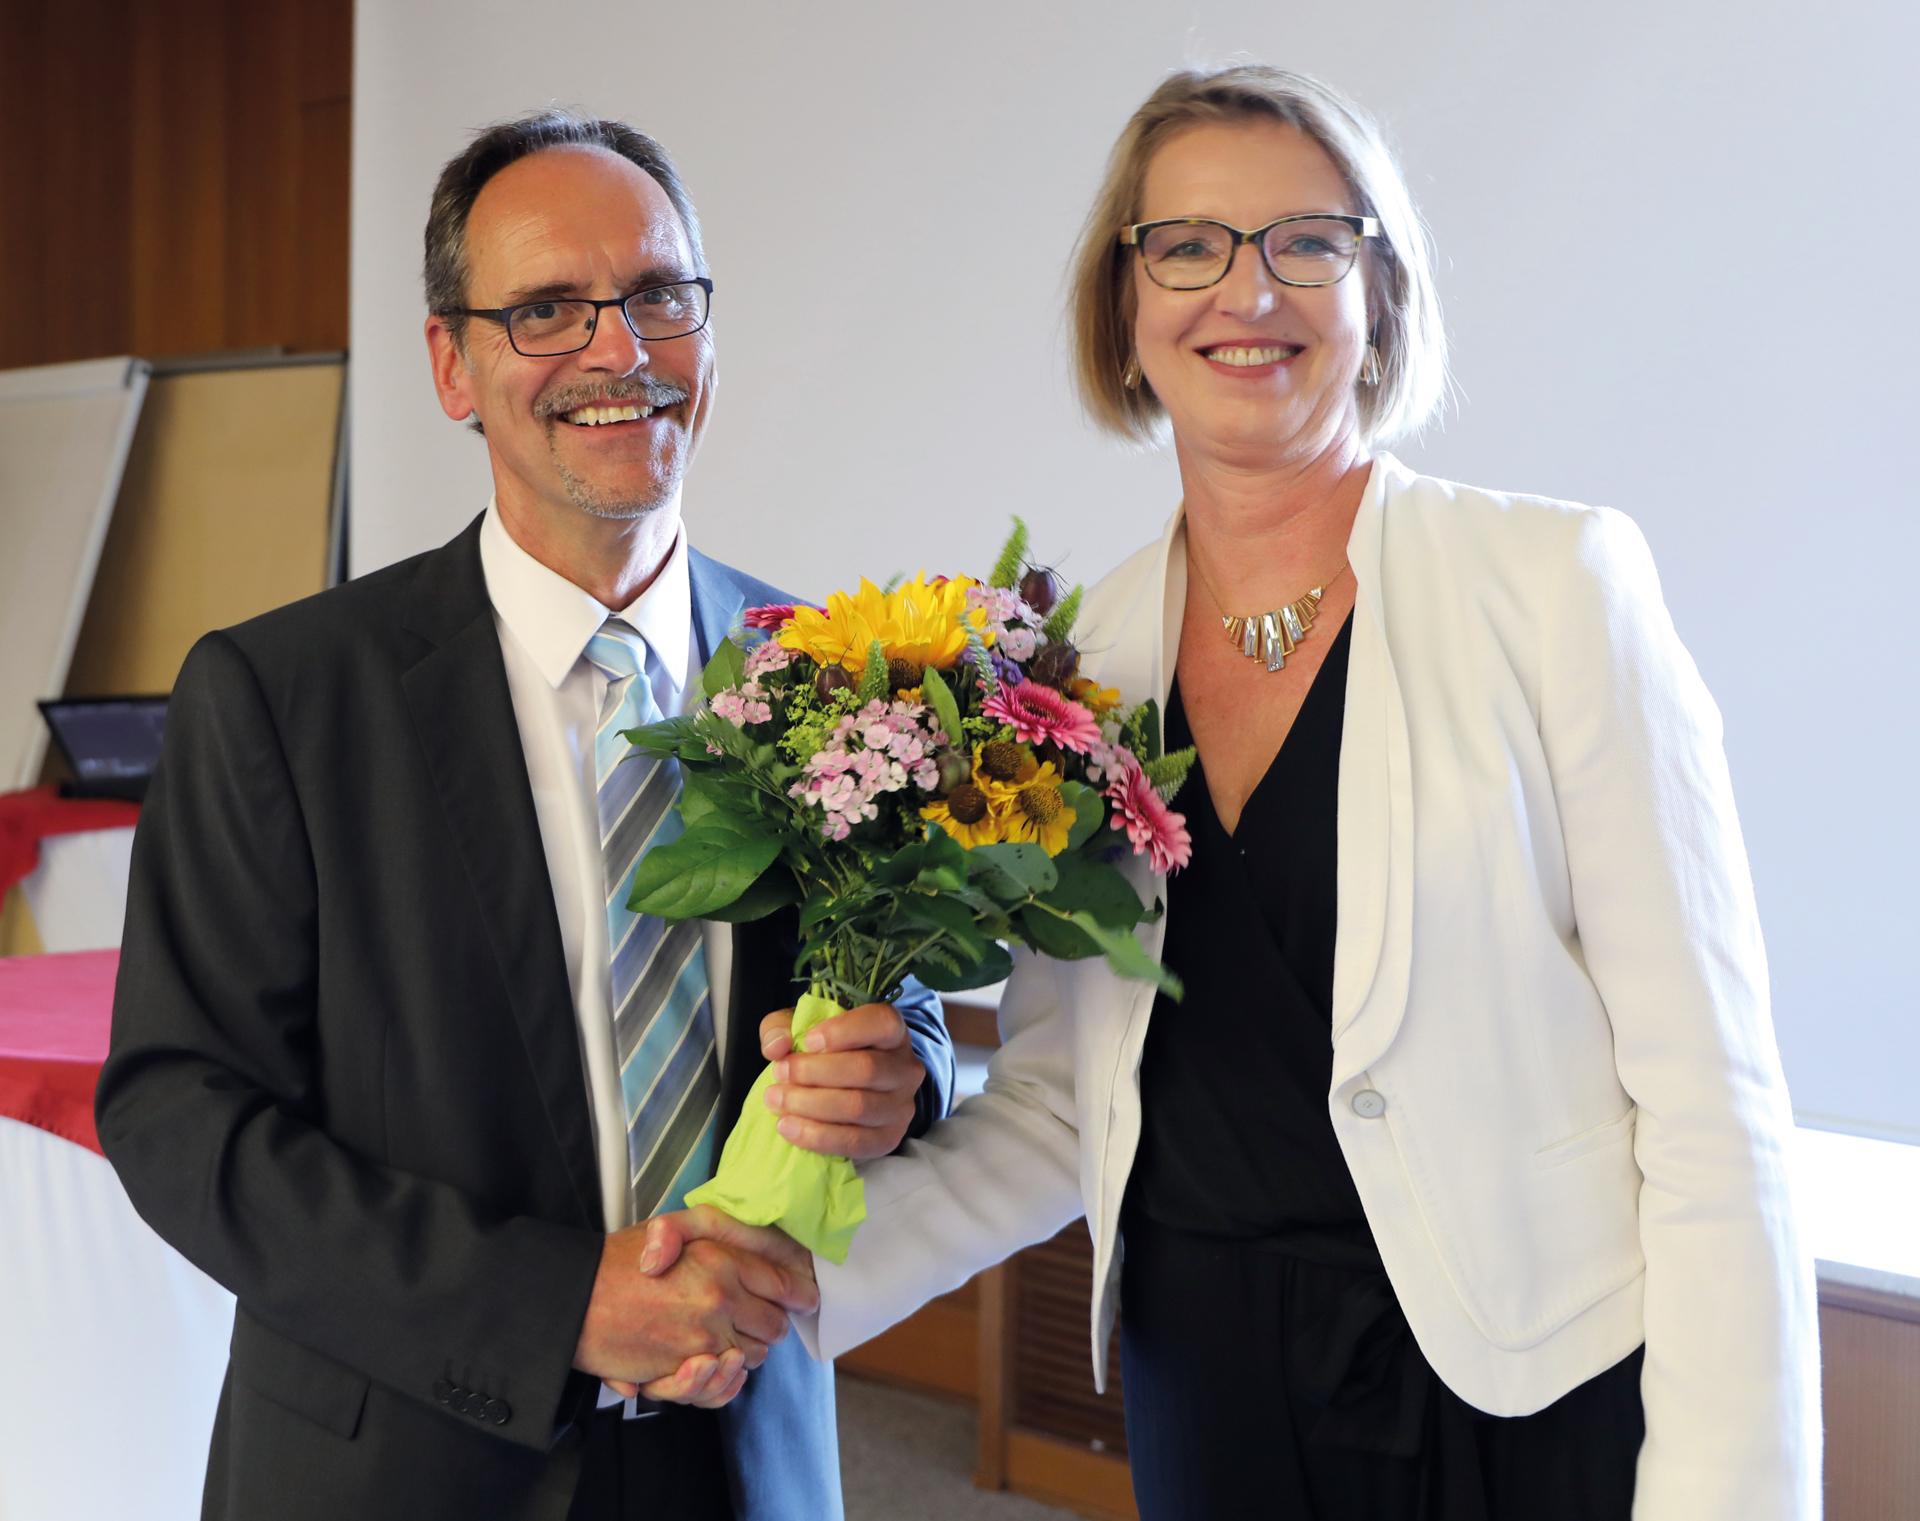 Akademie-BGL_Professor-Rudolf-Baessler-Bettina-Oestreich